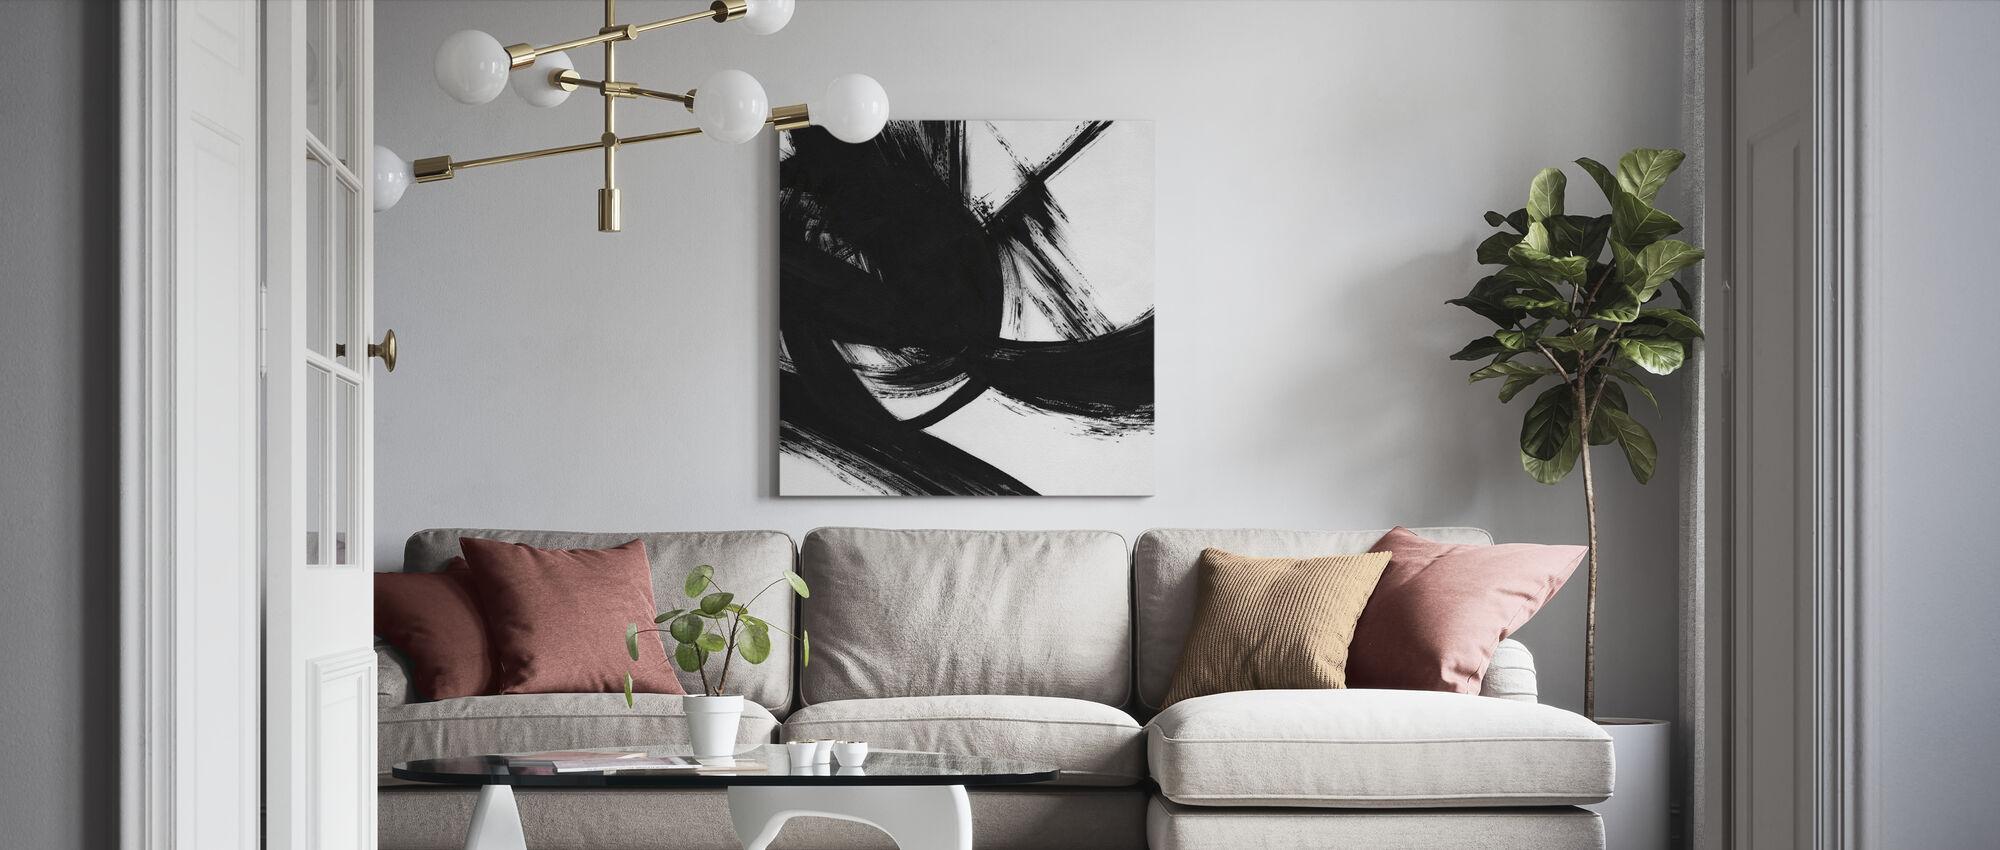 Densitet - Canvastavla - Vardagsrum